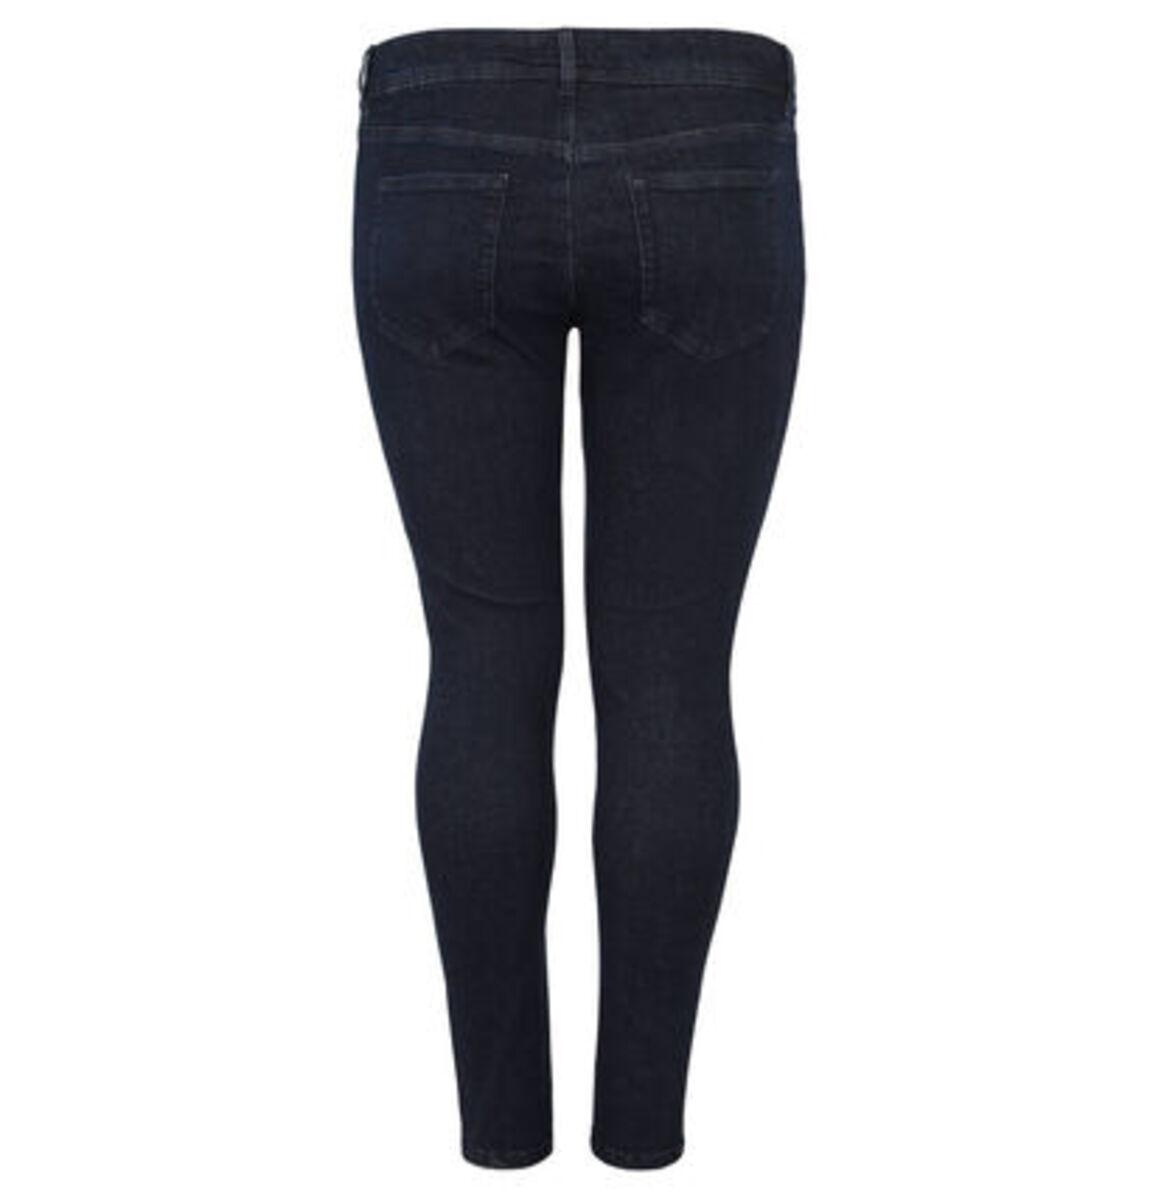 Bild 3 von My True Me Jeans, Skinny Fit, Five-Pocket-Design, große Größen, für Damen